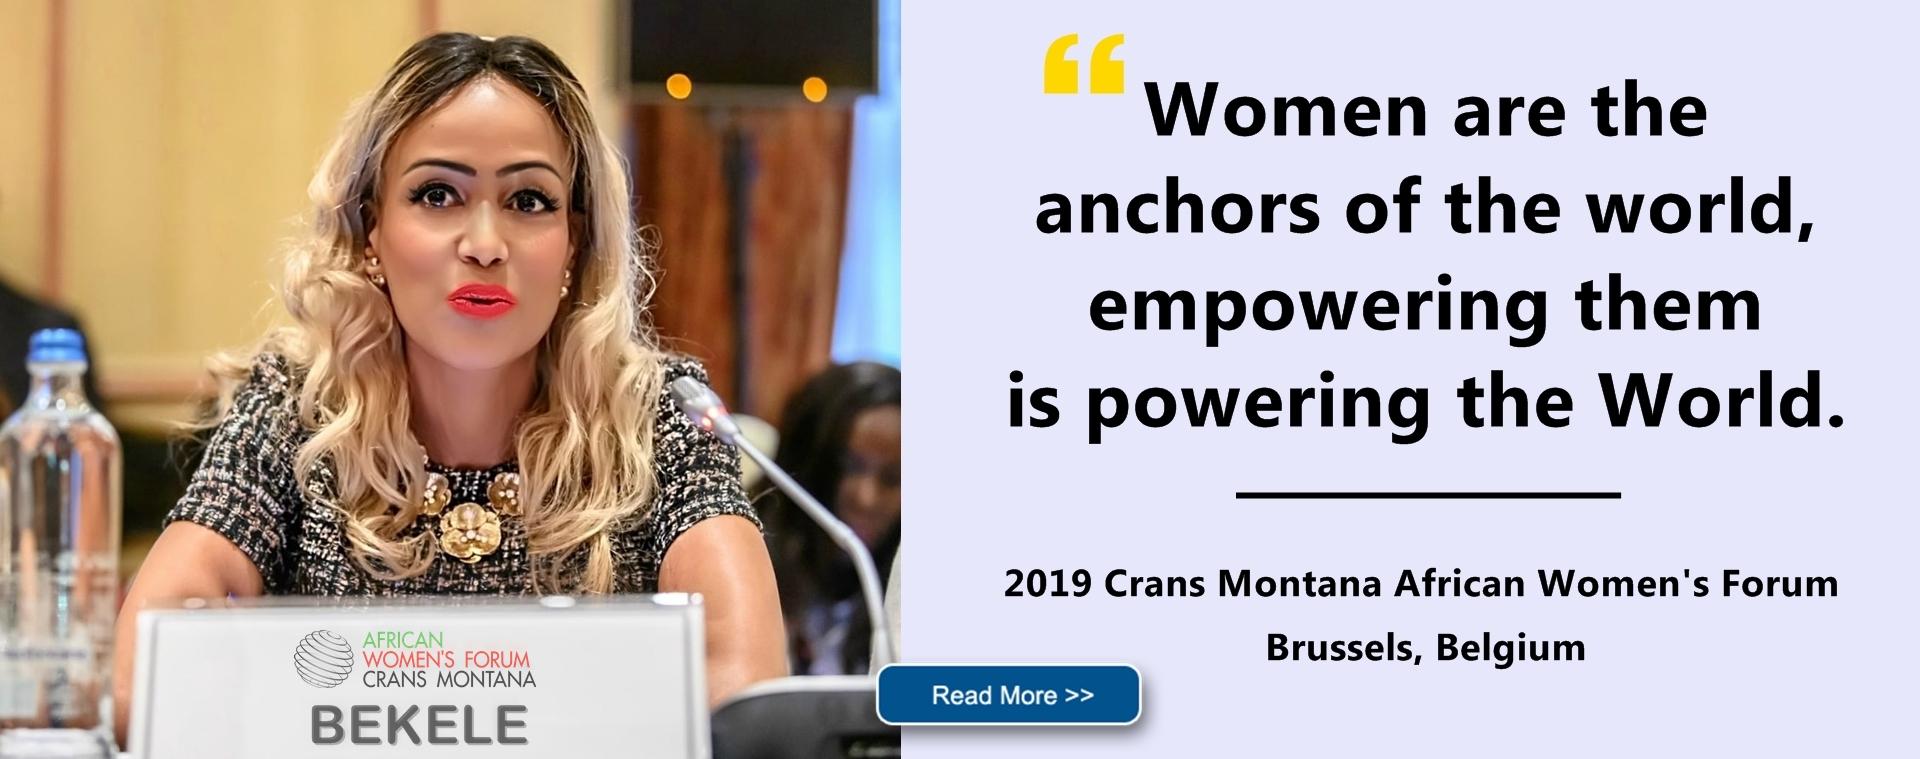 Sophia Bekele Crans Montana African Women's Forum - Brussels Belgium